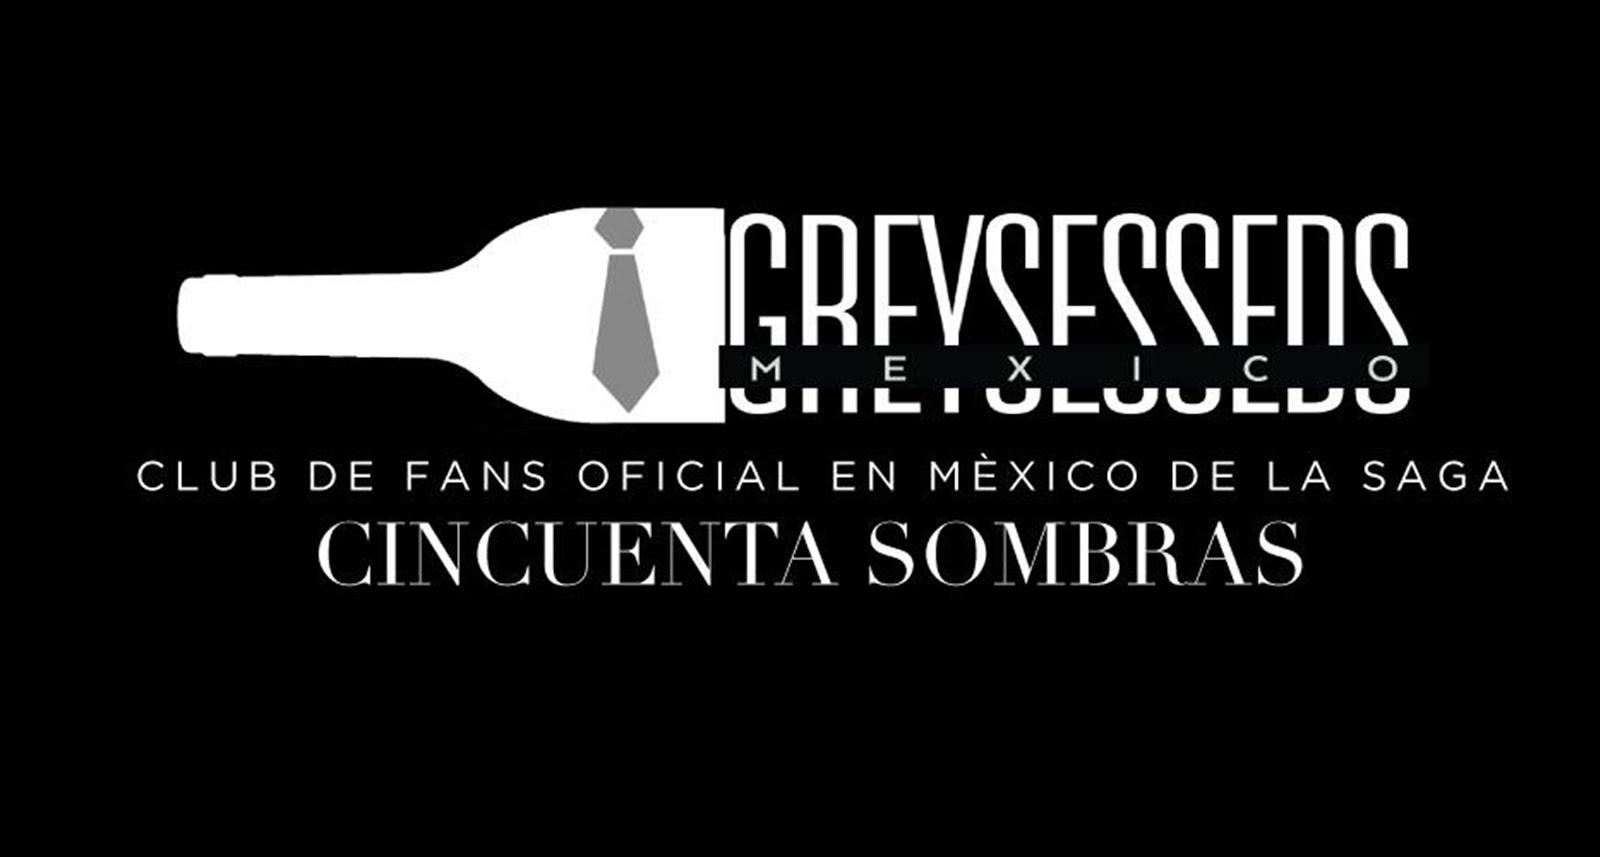 Greysesseds México